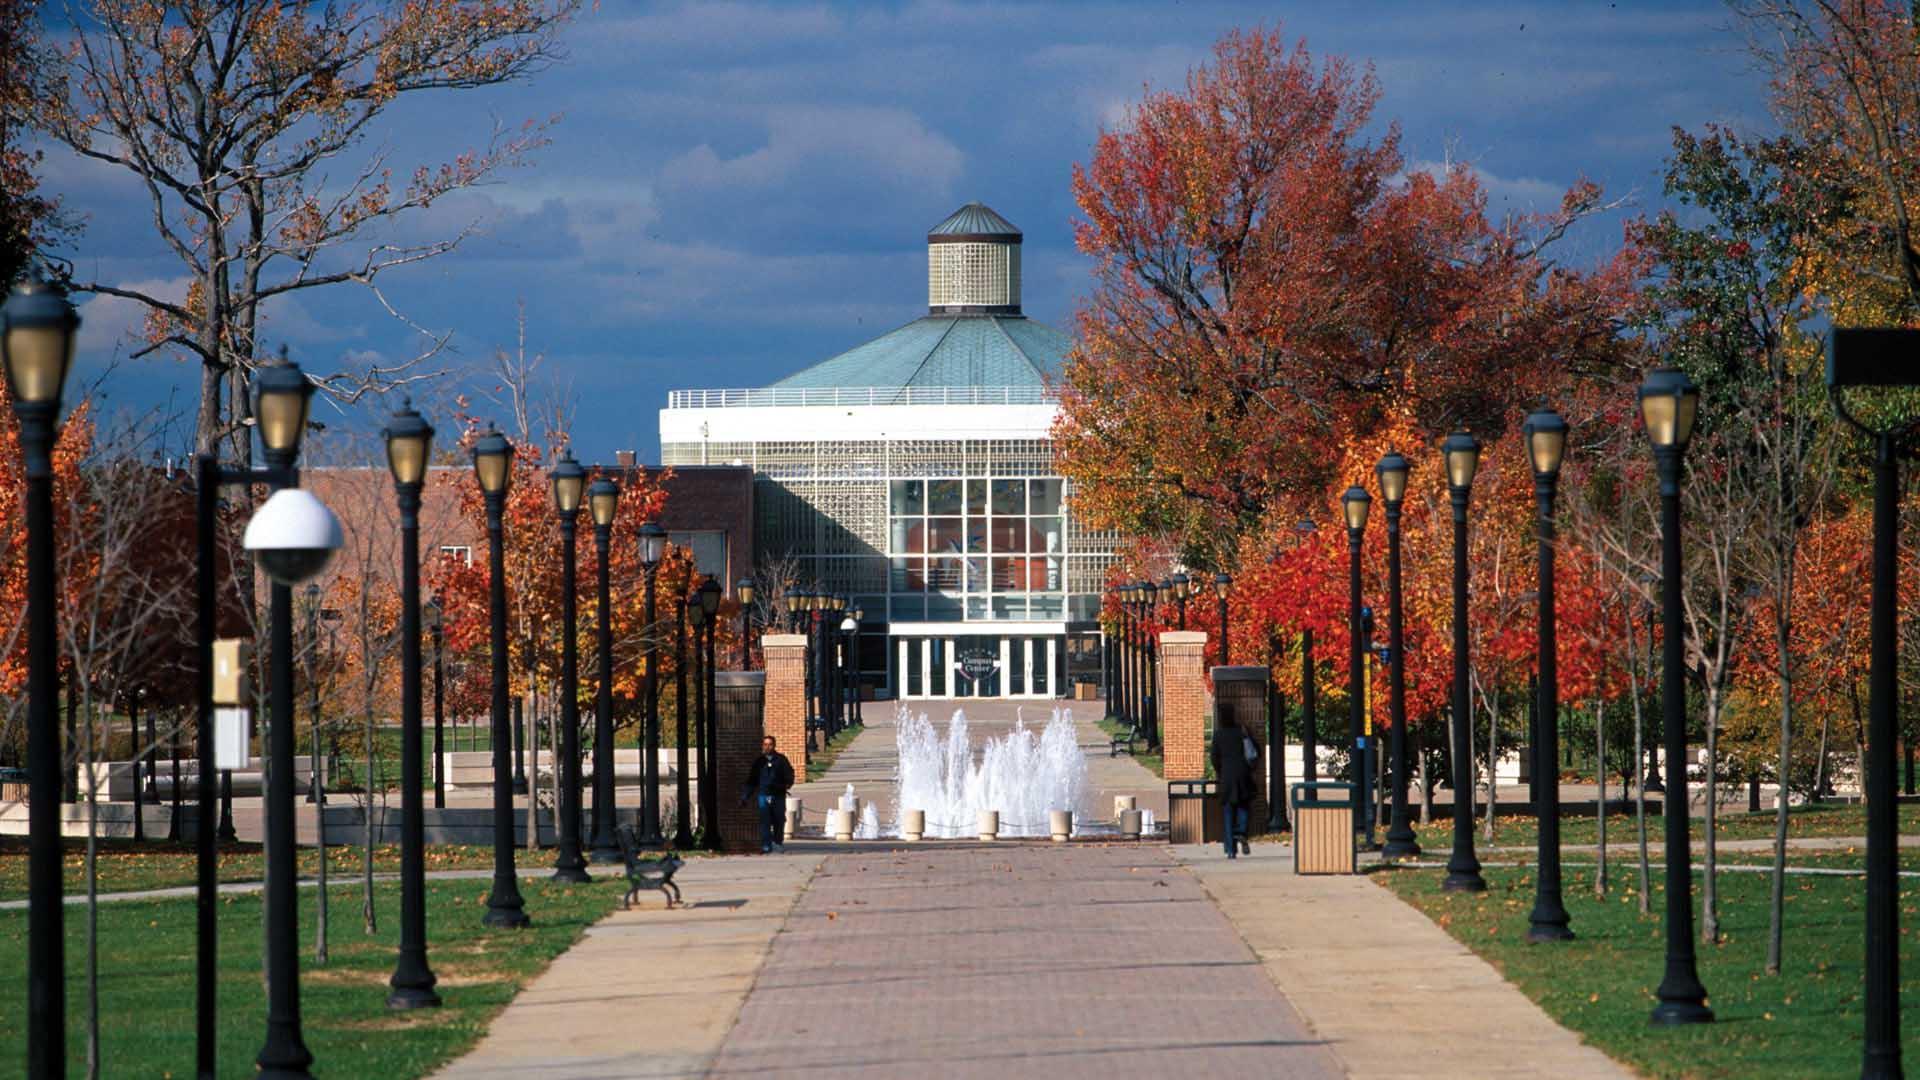 college-of-staten-island-main-walkway-lamp-posts-fountain-214.jpg